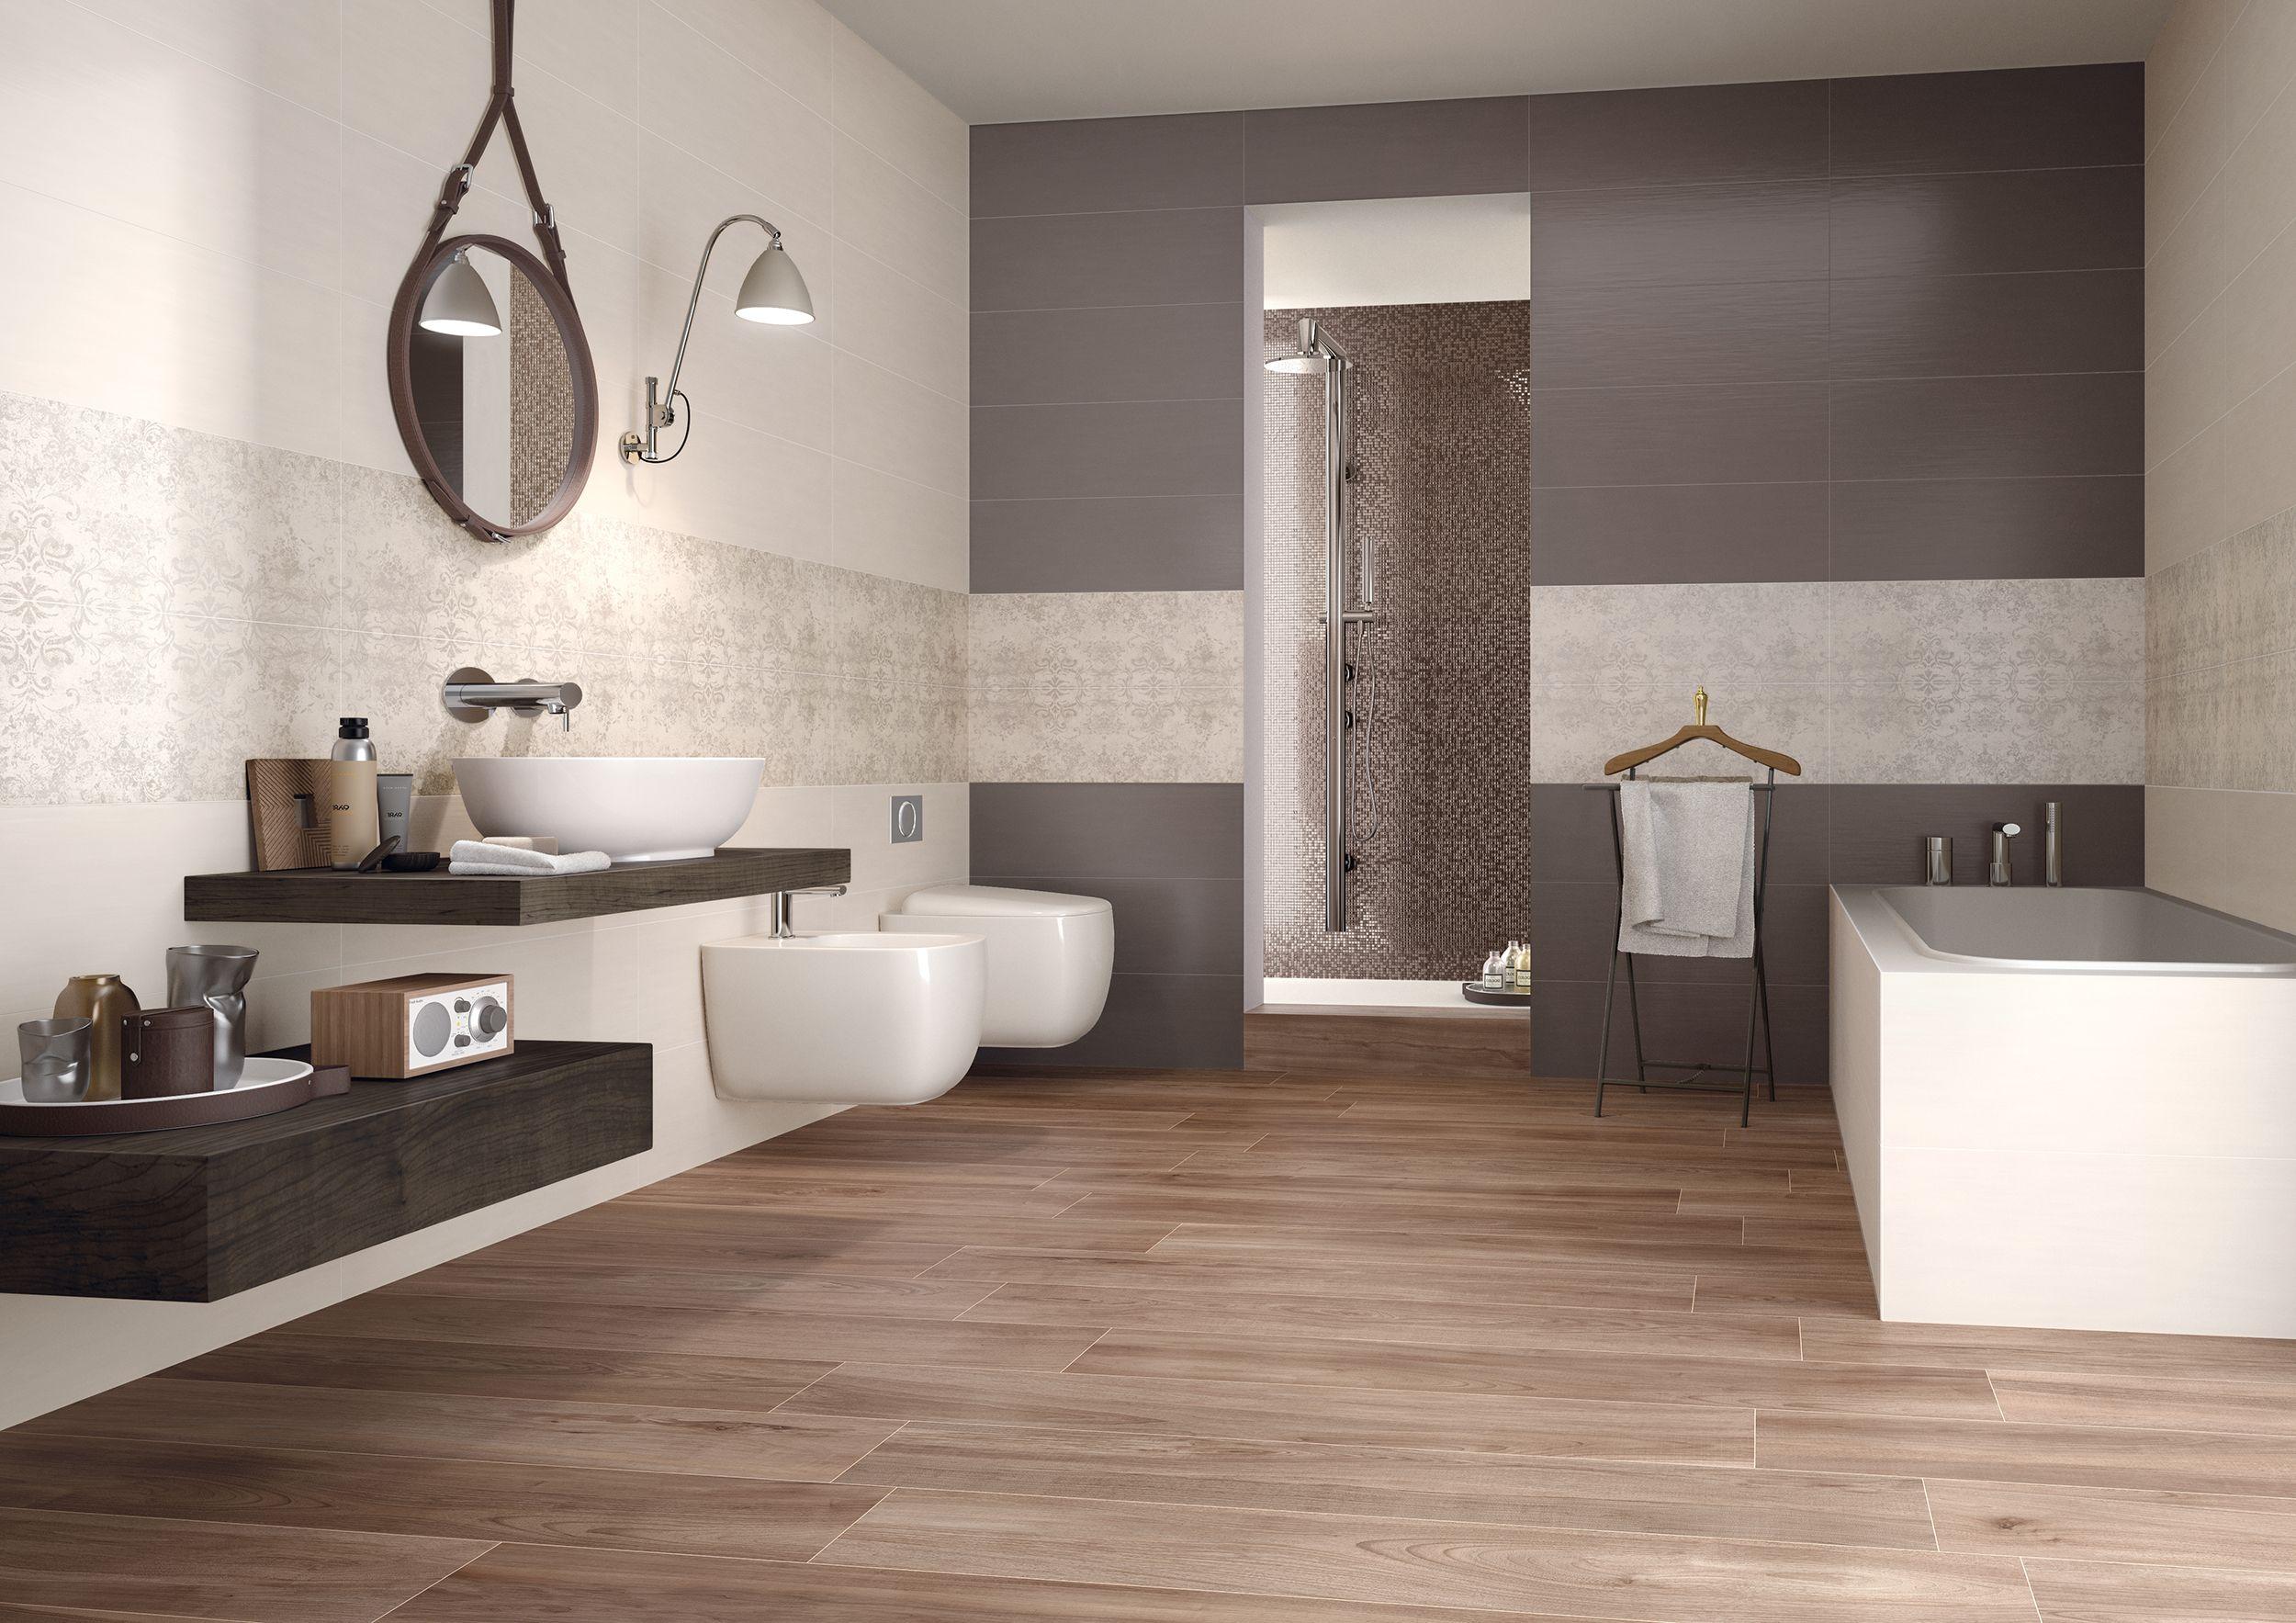 Pin di la polly su progetti da provare pinterest pavimenti bagno e legno - Finto mosaico bagno ...